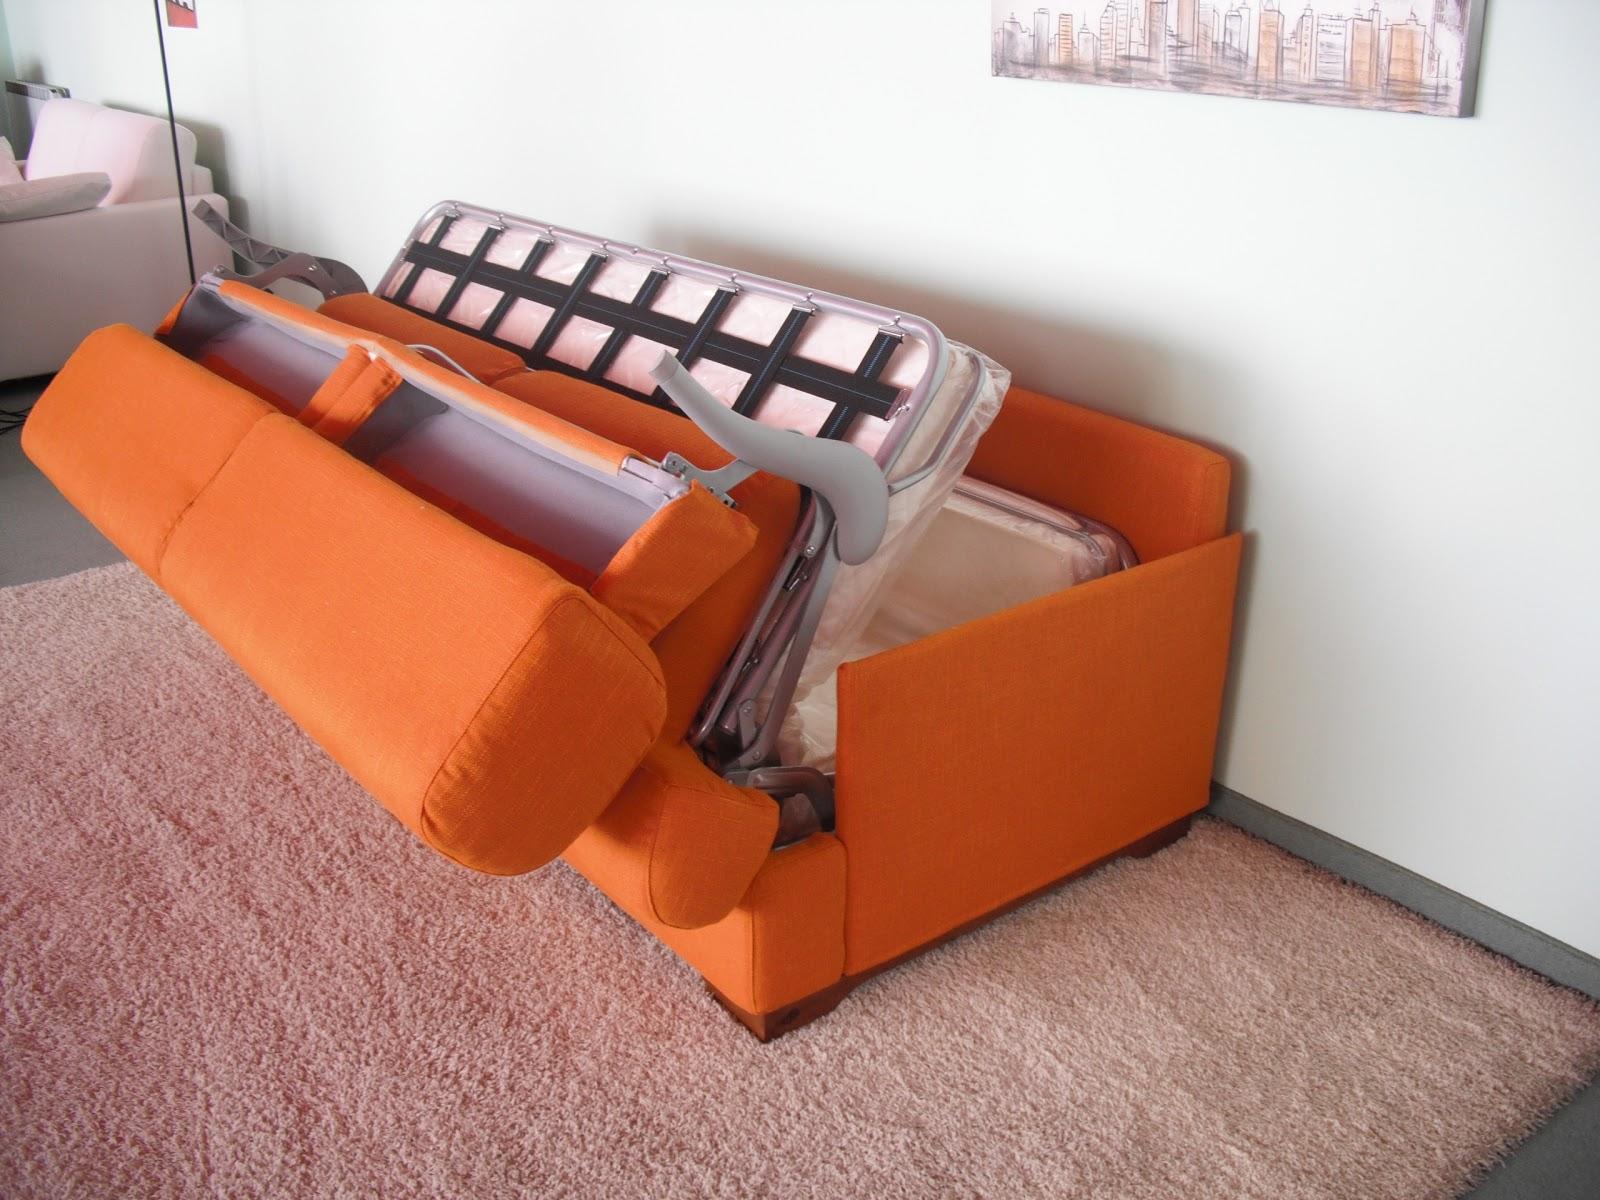 Vendita divani letto lissone monza e brianza milano divani